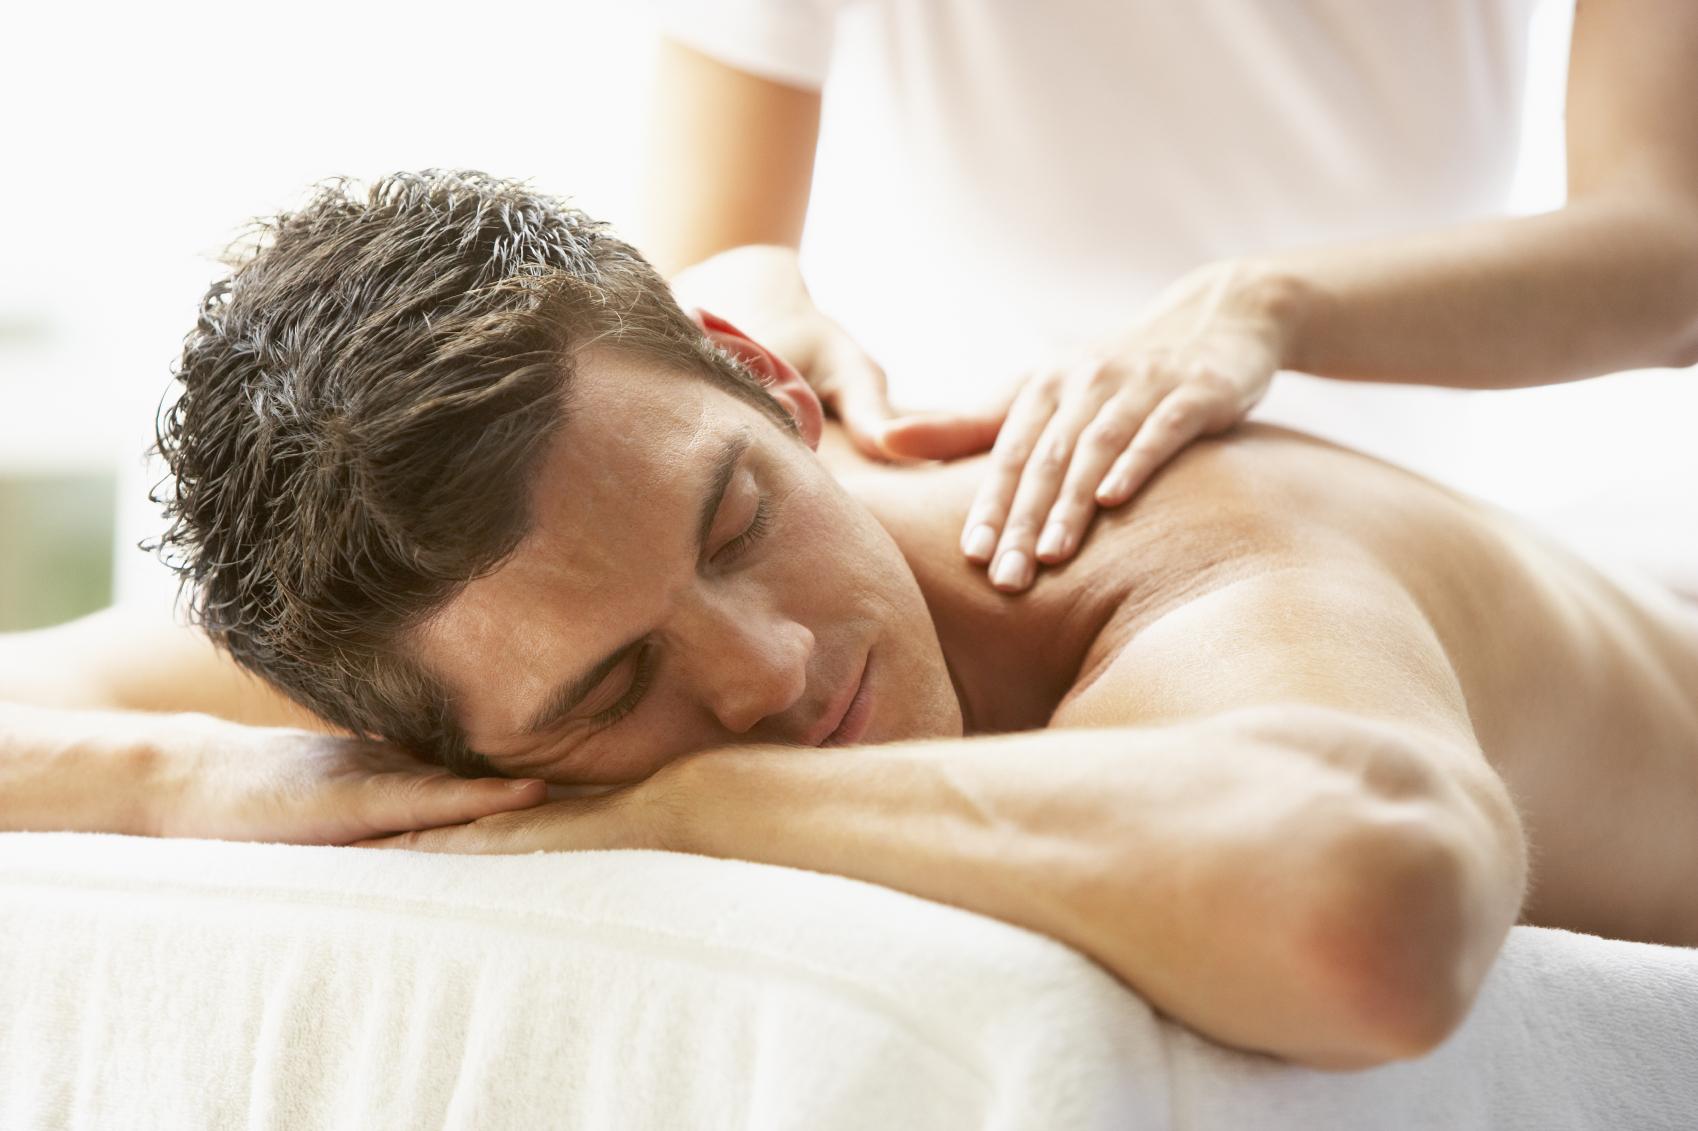 bestilt massage med happy ending i danmark